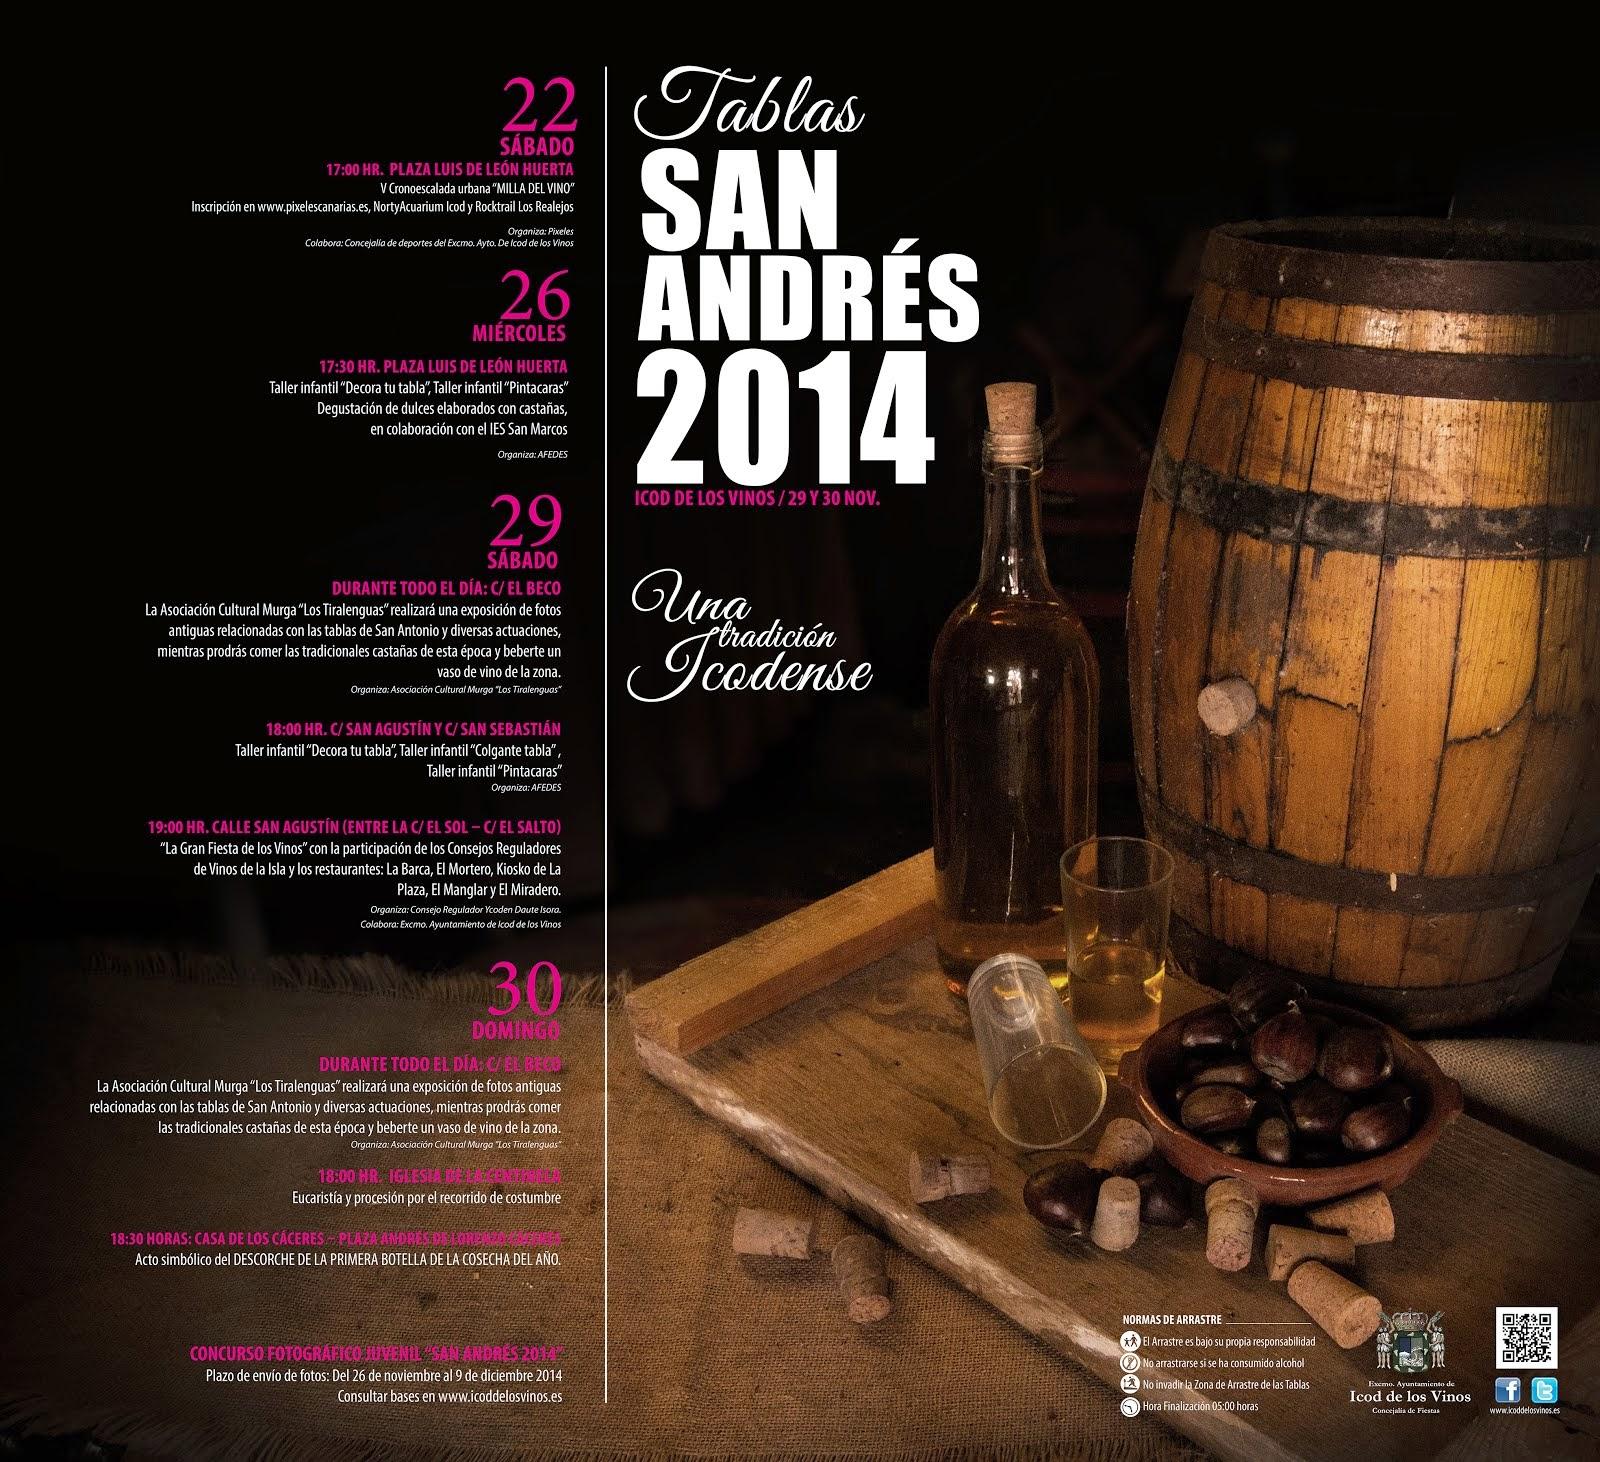 San Andrés 2014